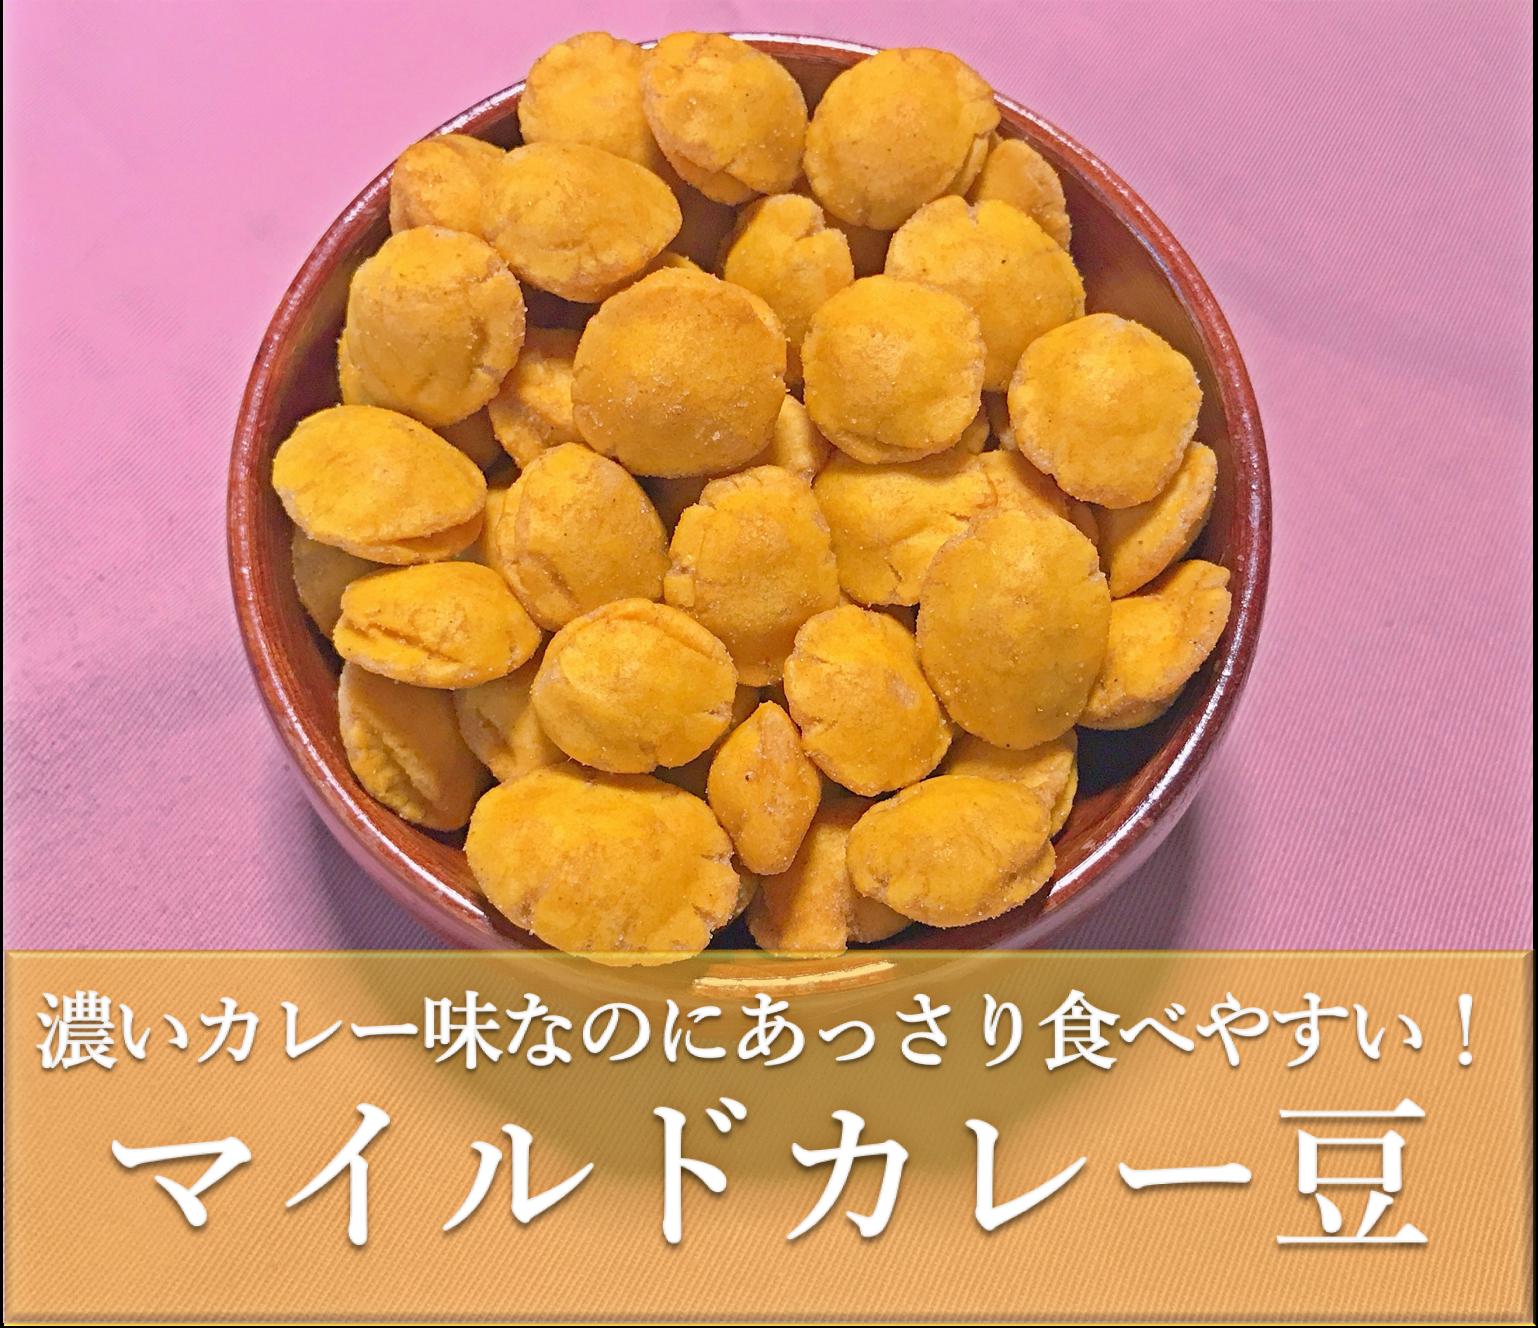 マイルドカレー豆